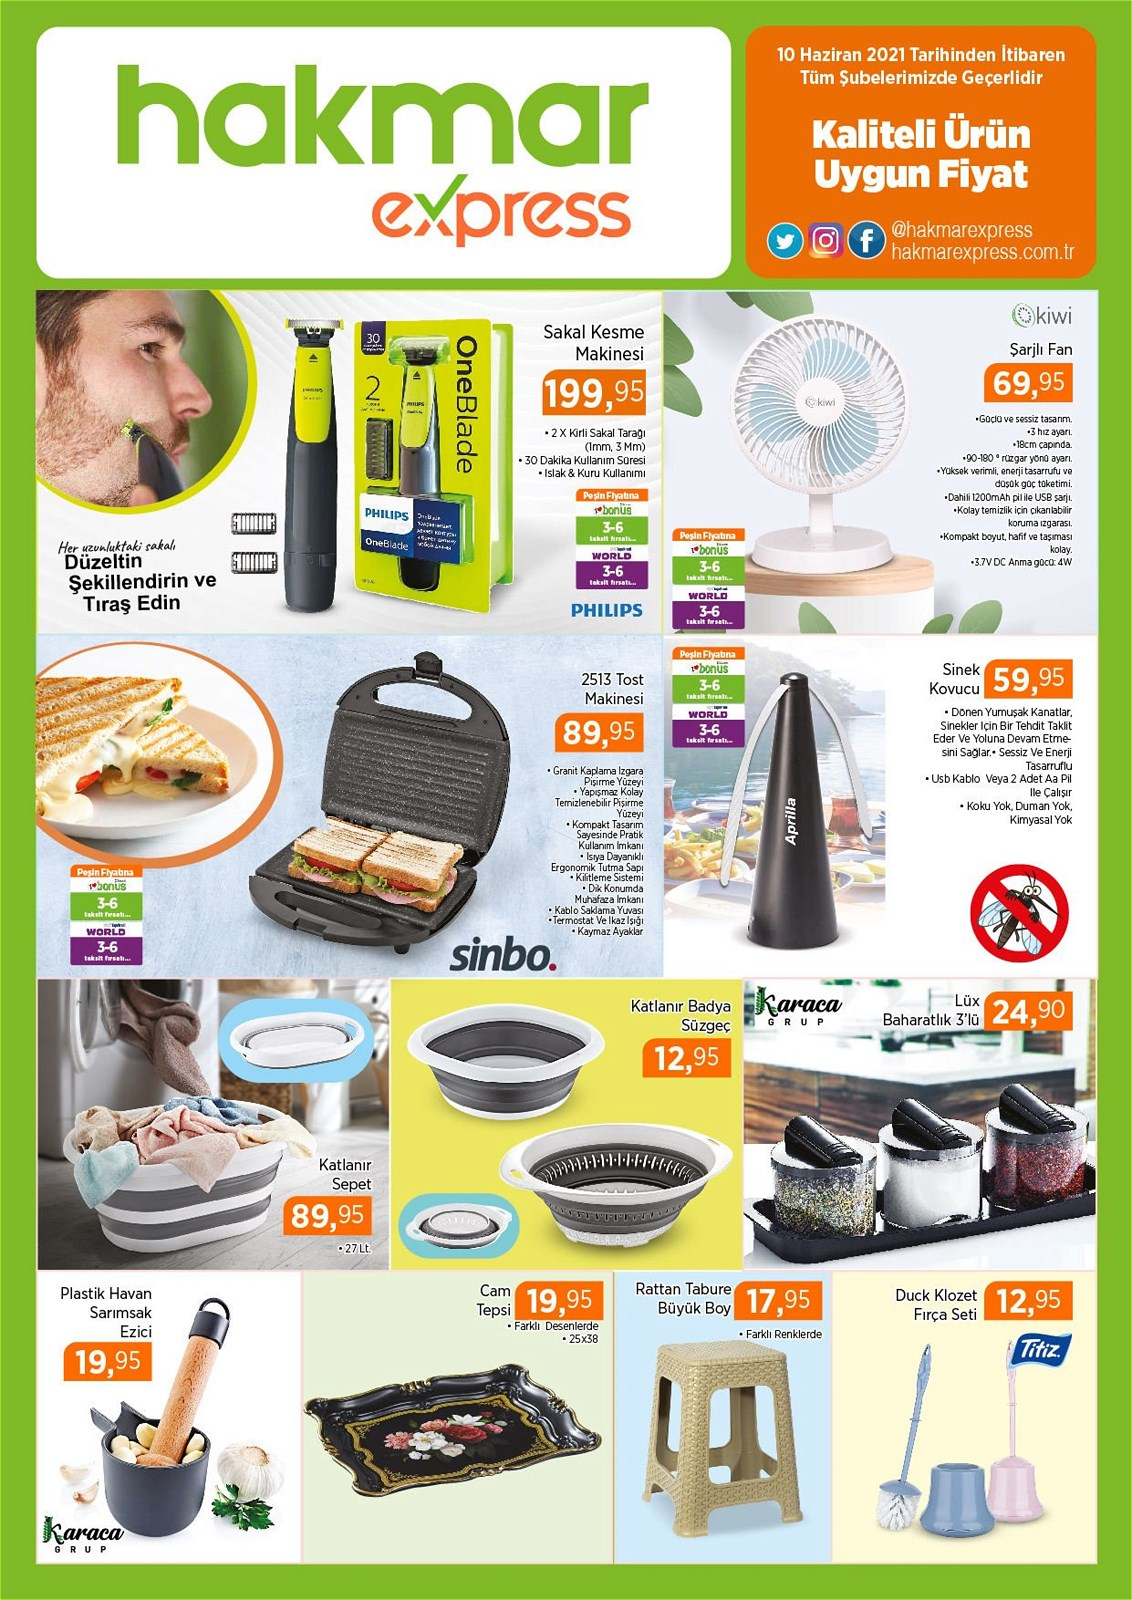 10.06.2021 Hakmar Express broşürü 1. sayfa